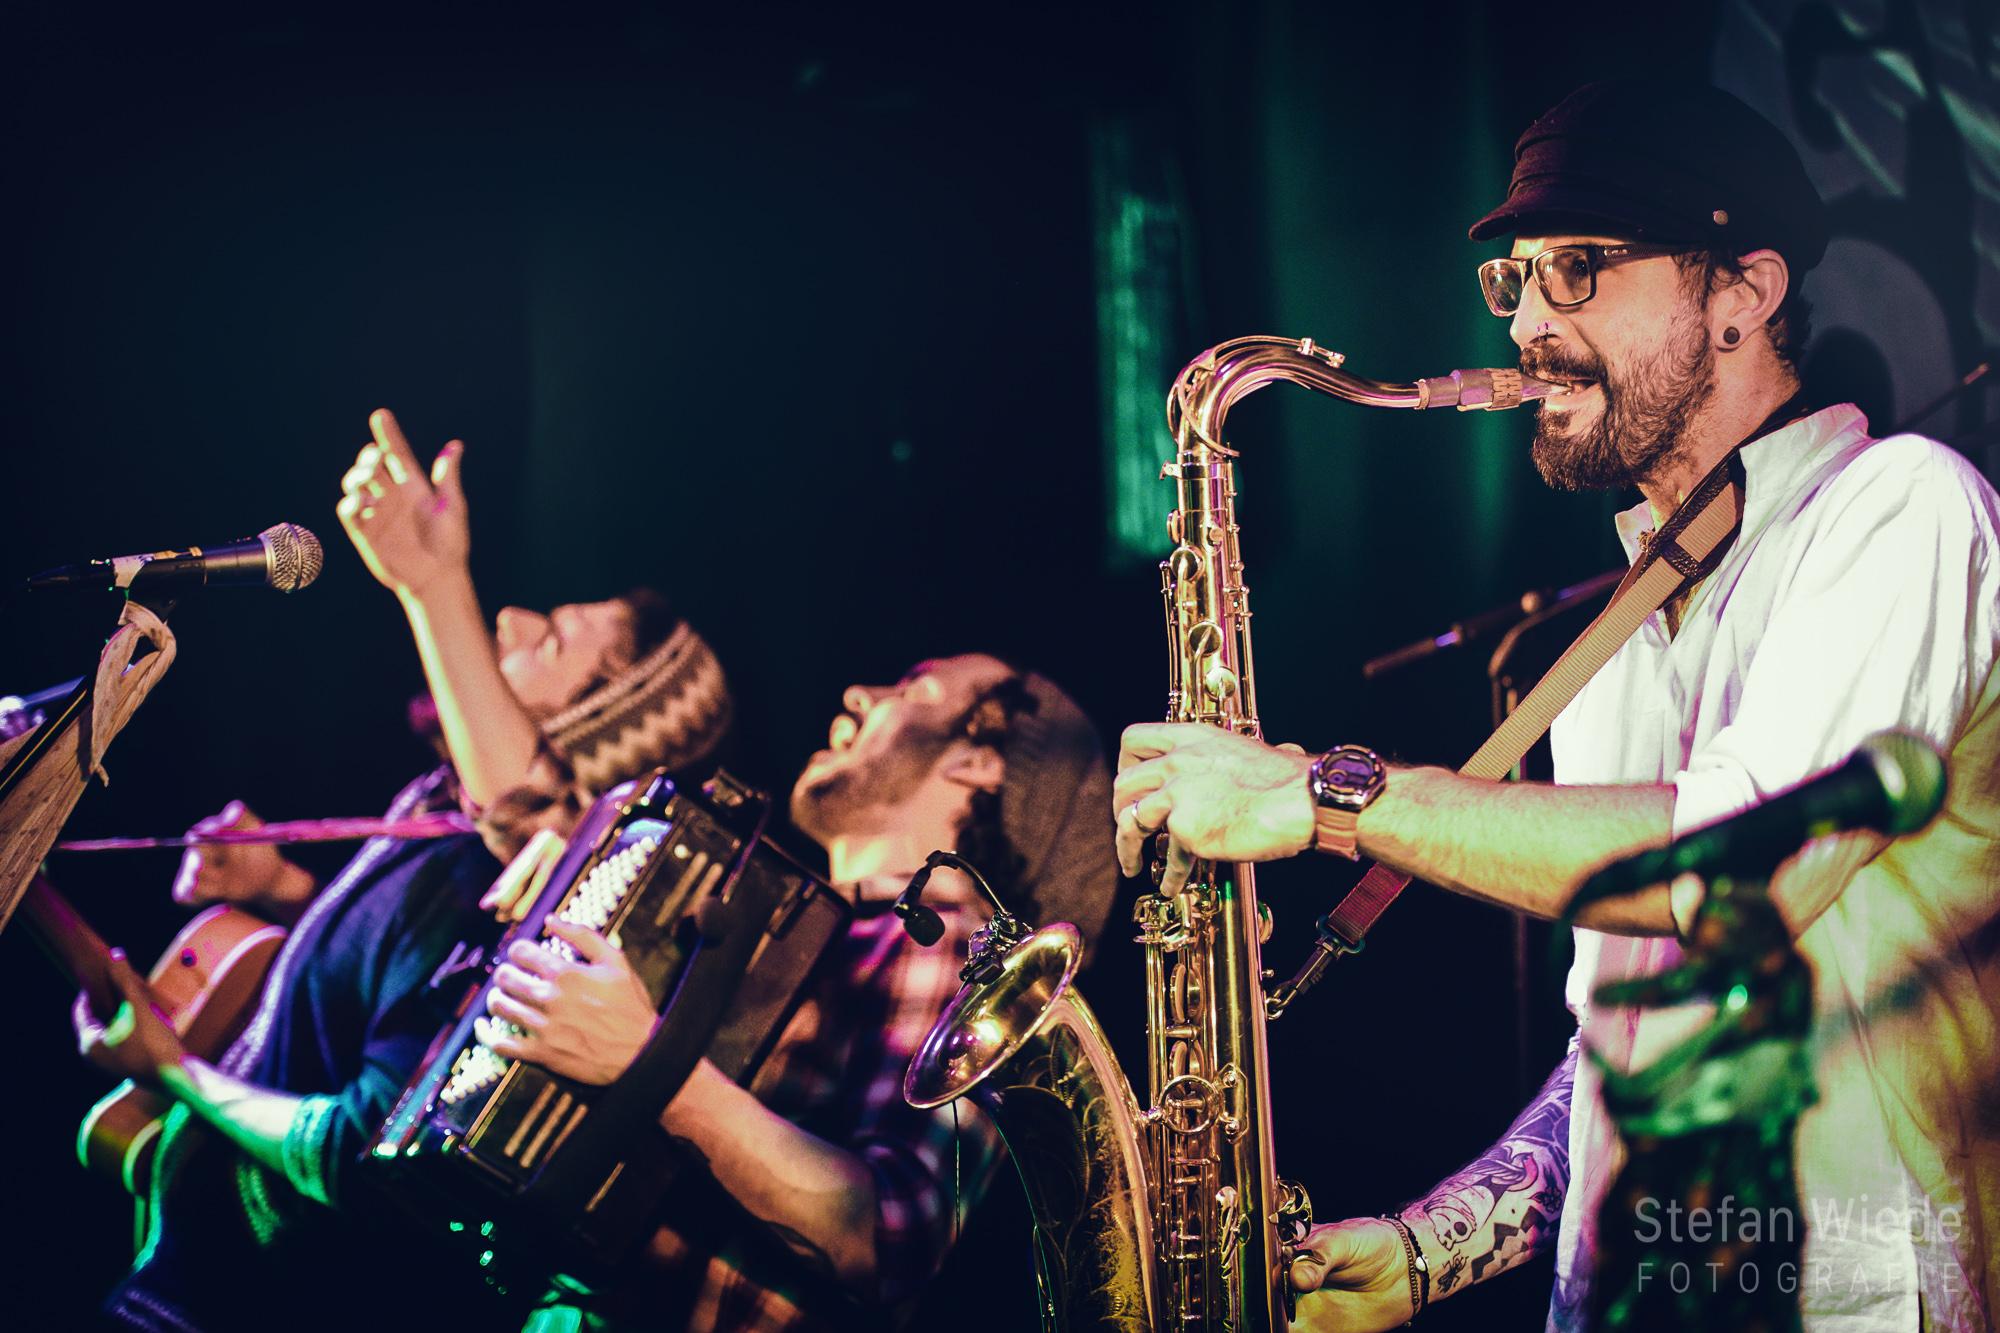 Gypsy Ska Orquesta am 29. März im Kult41